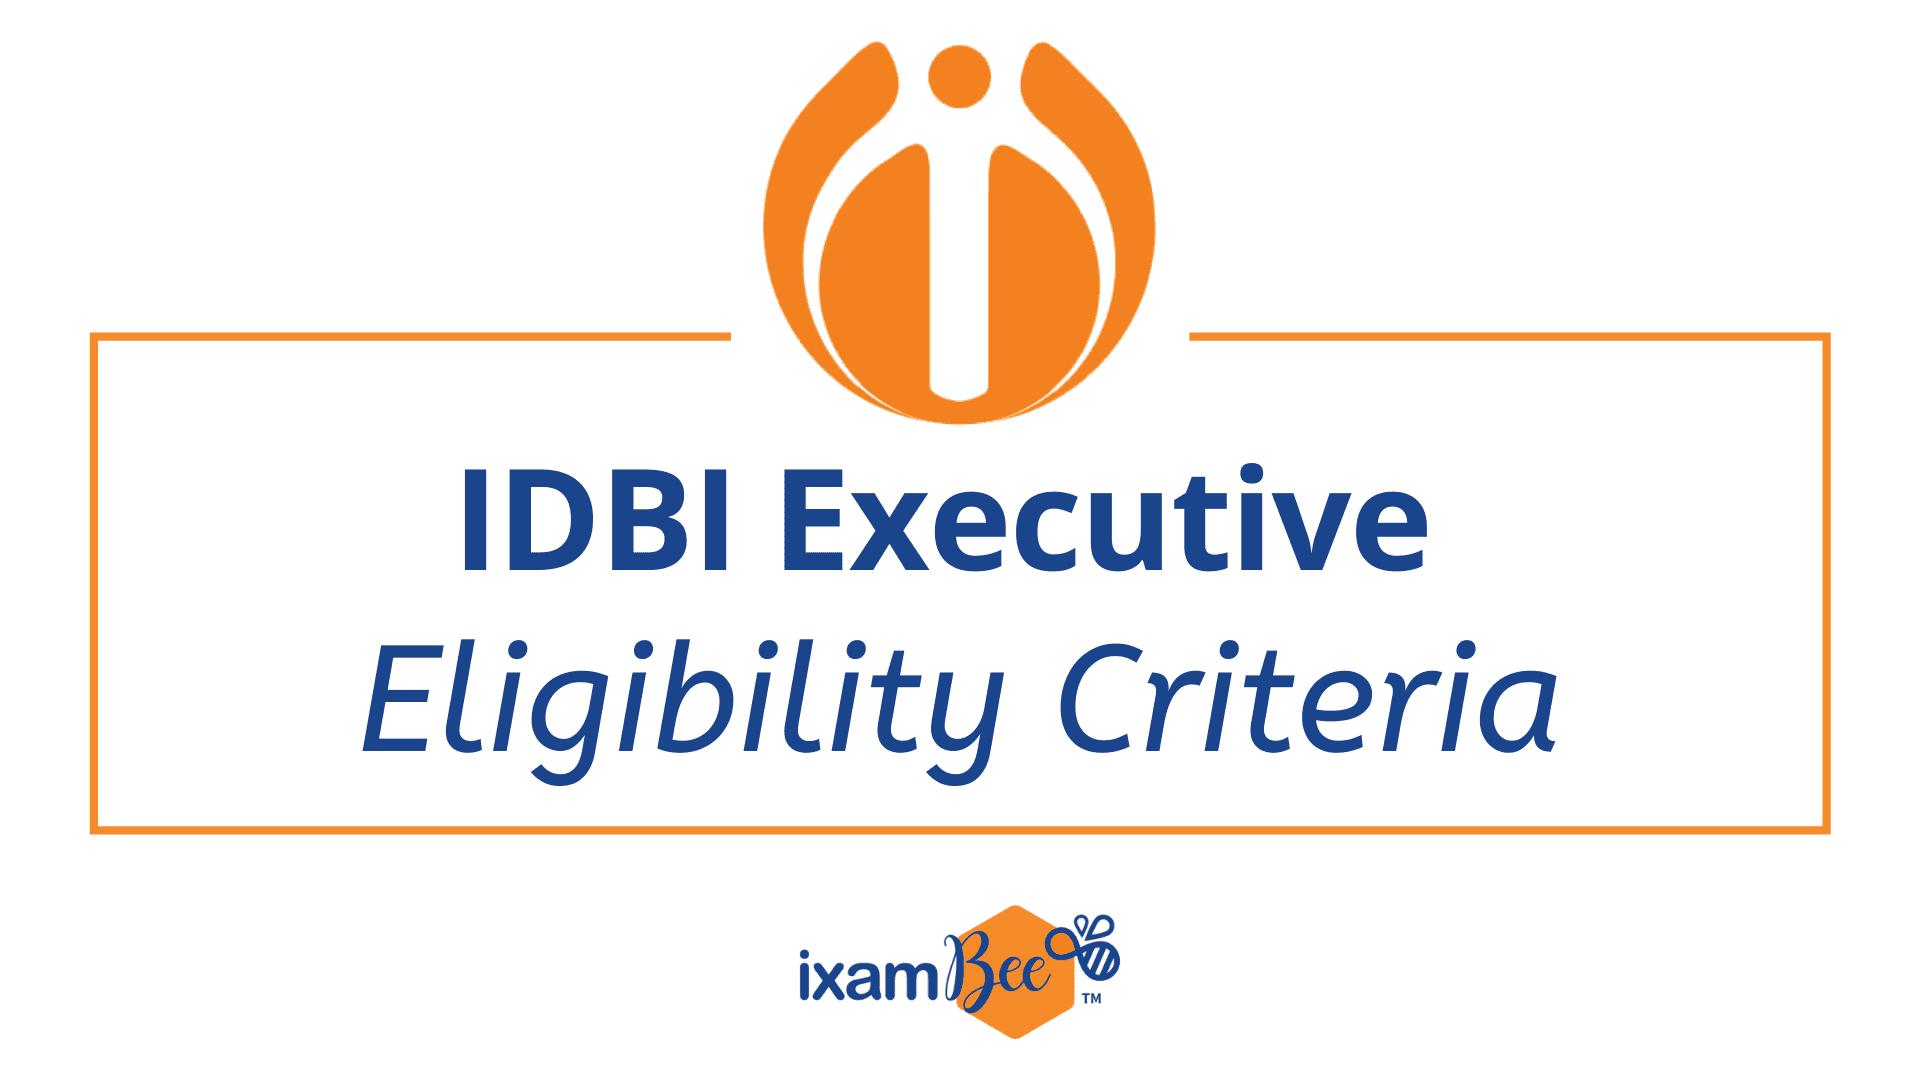 IDBI Executive Eligibility Criteria